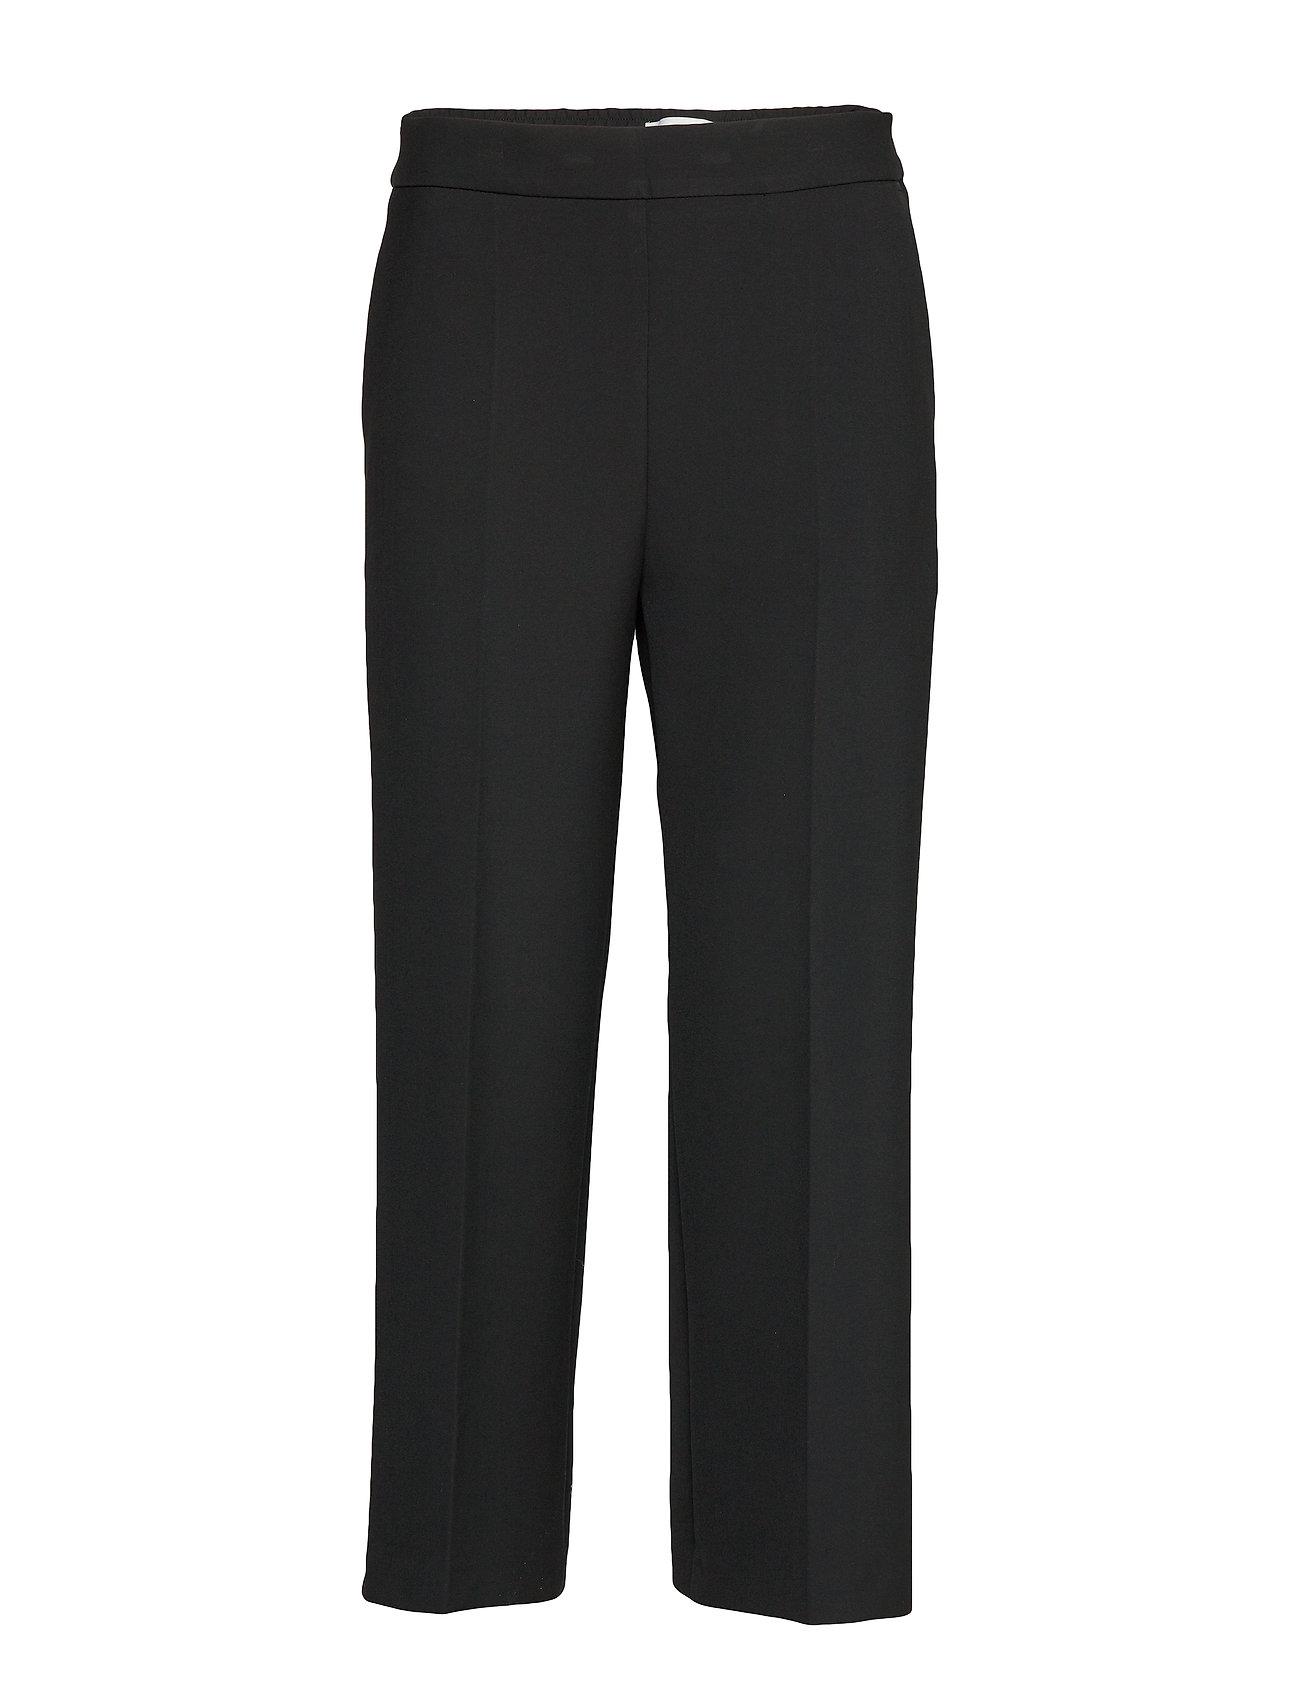 Image of Hakku Solid Trousers Bukser Med Lige Ben Sort Marimekko (3302472821)